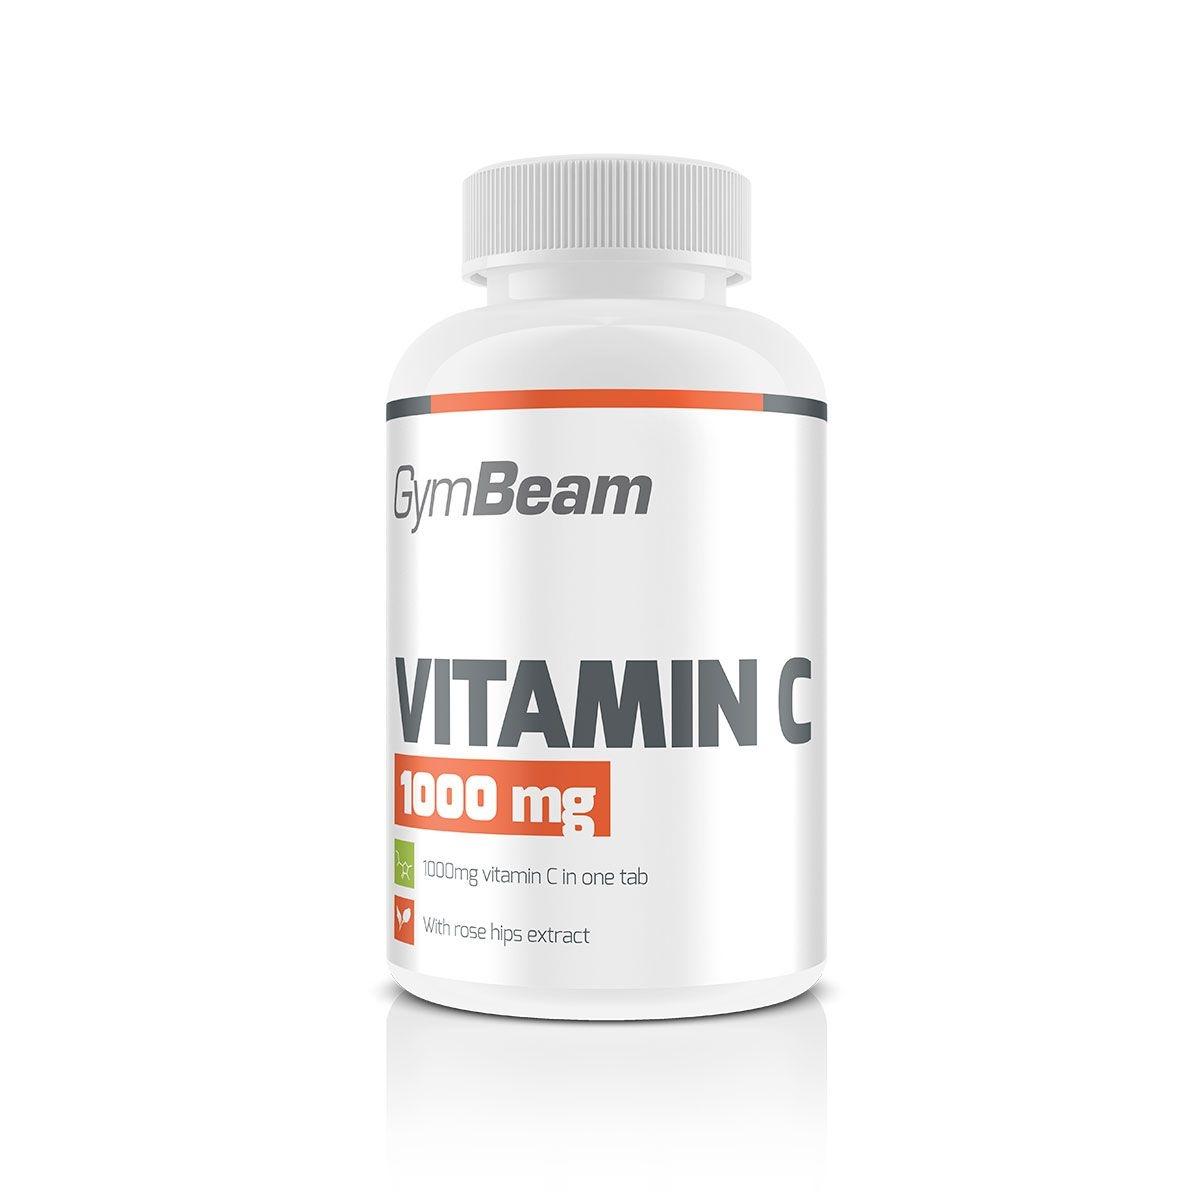 Gym Beam Vitamín C 1000 mg,90 tablet